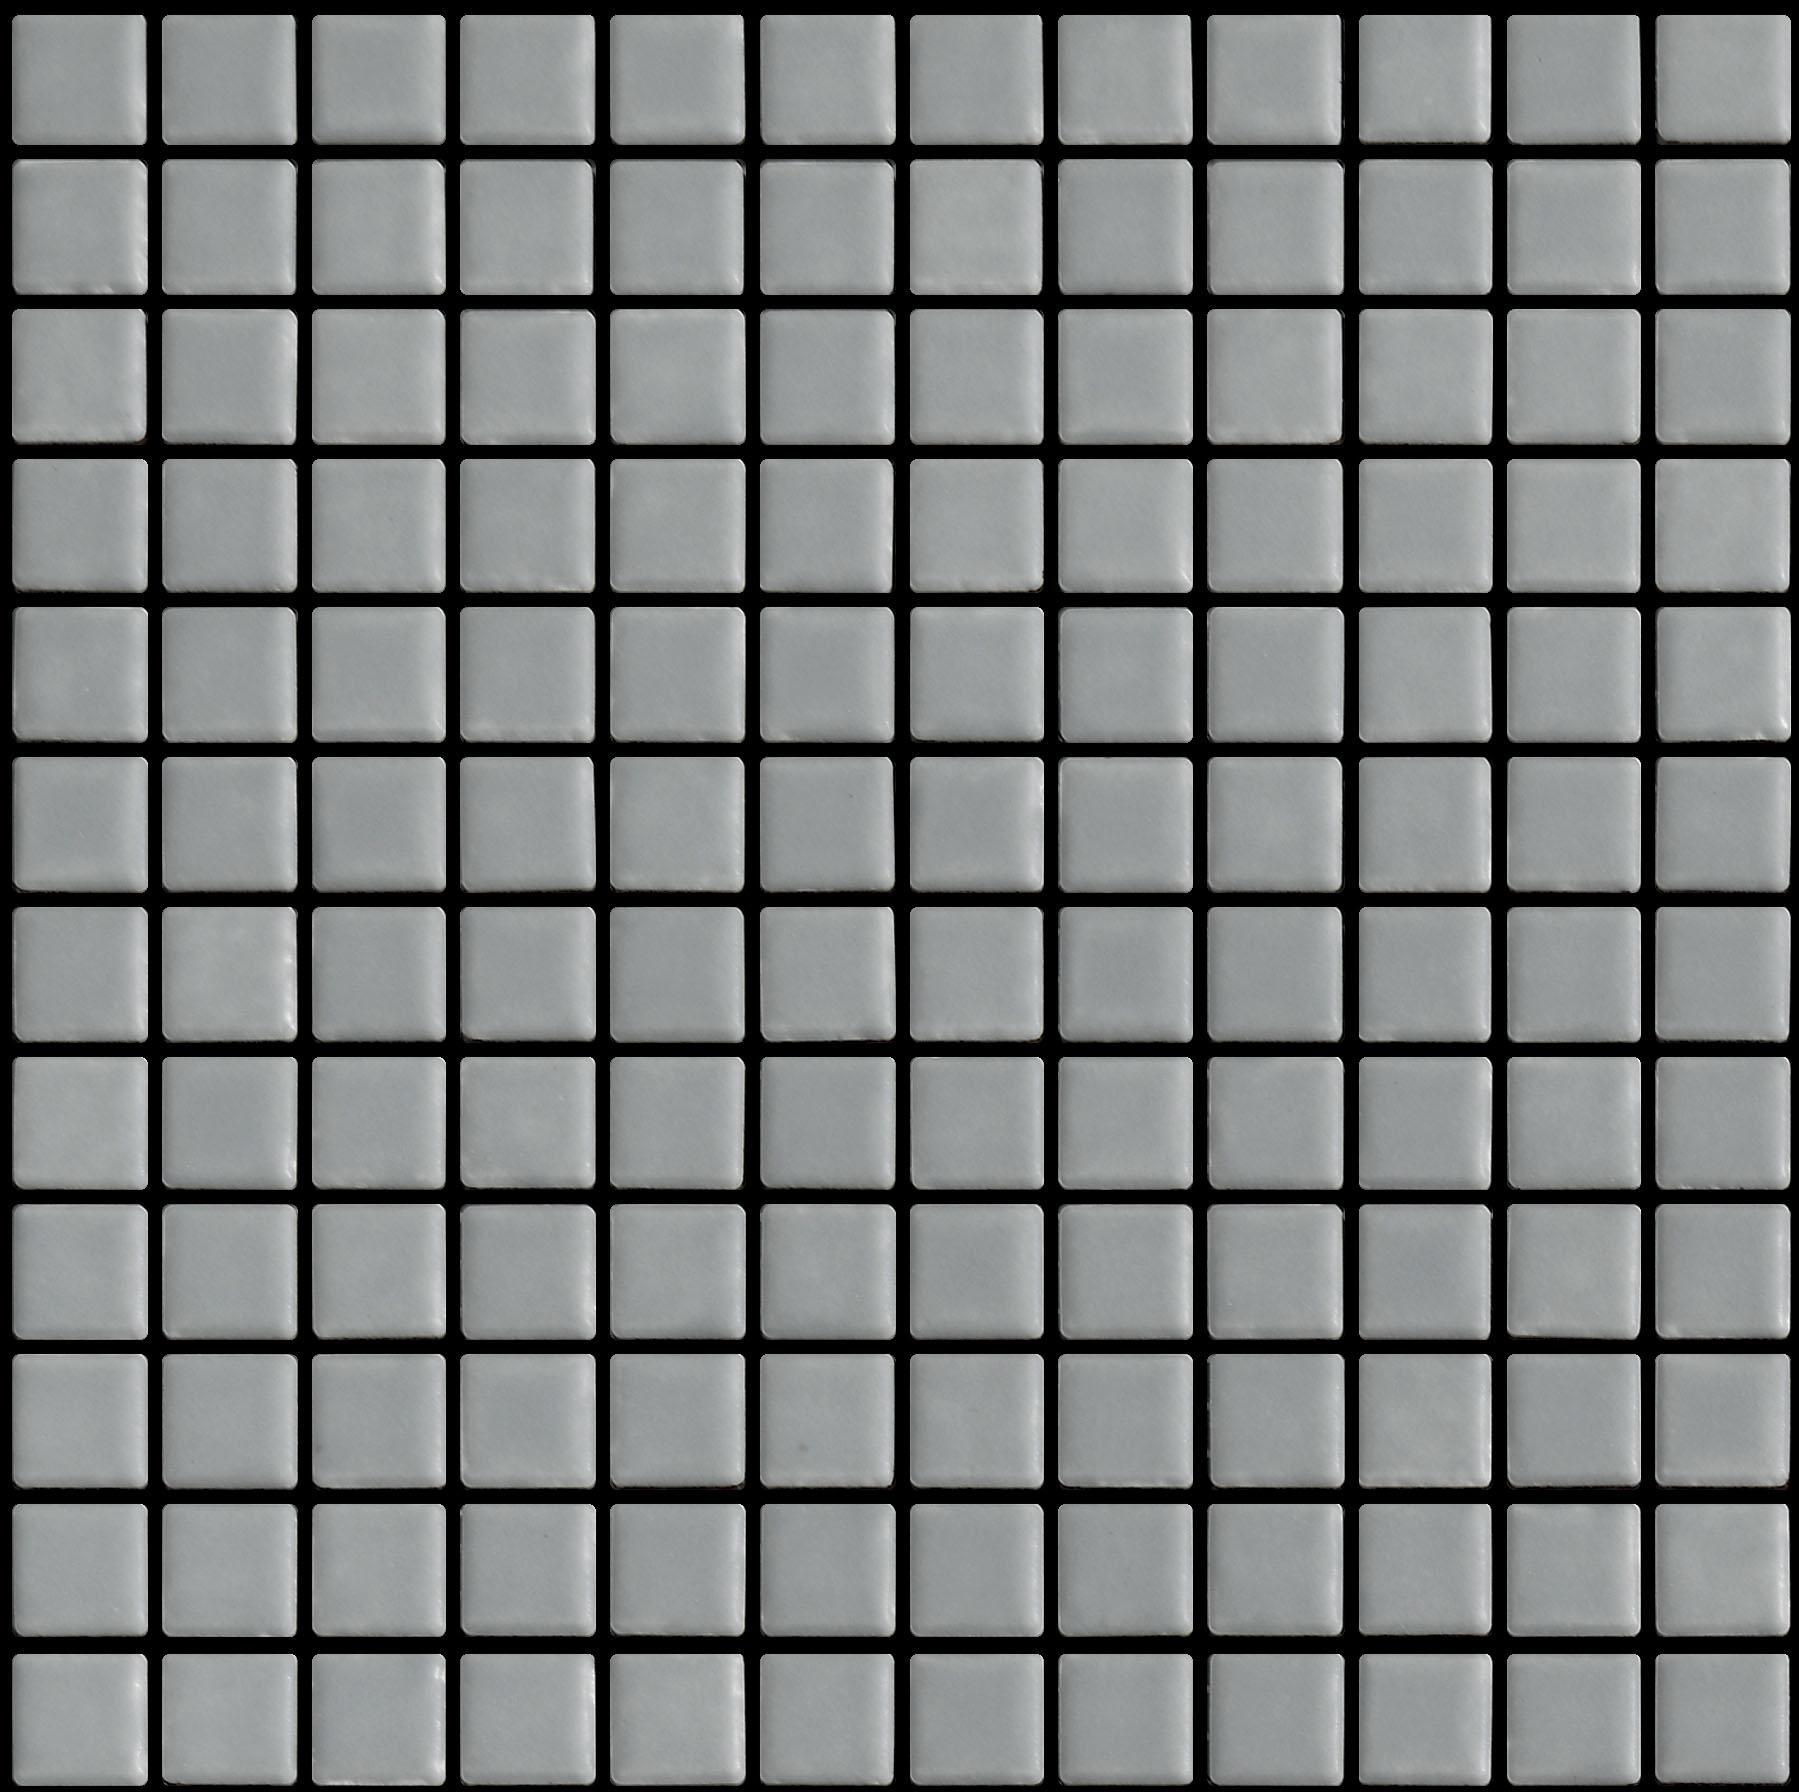 Seta cm 2,5x2,5